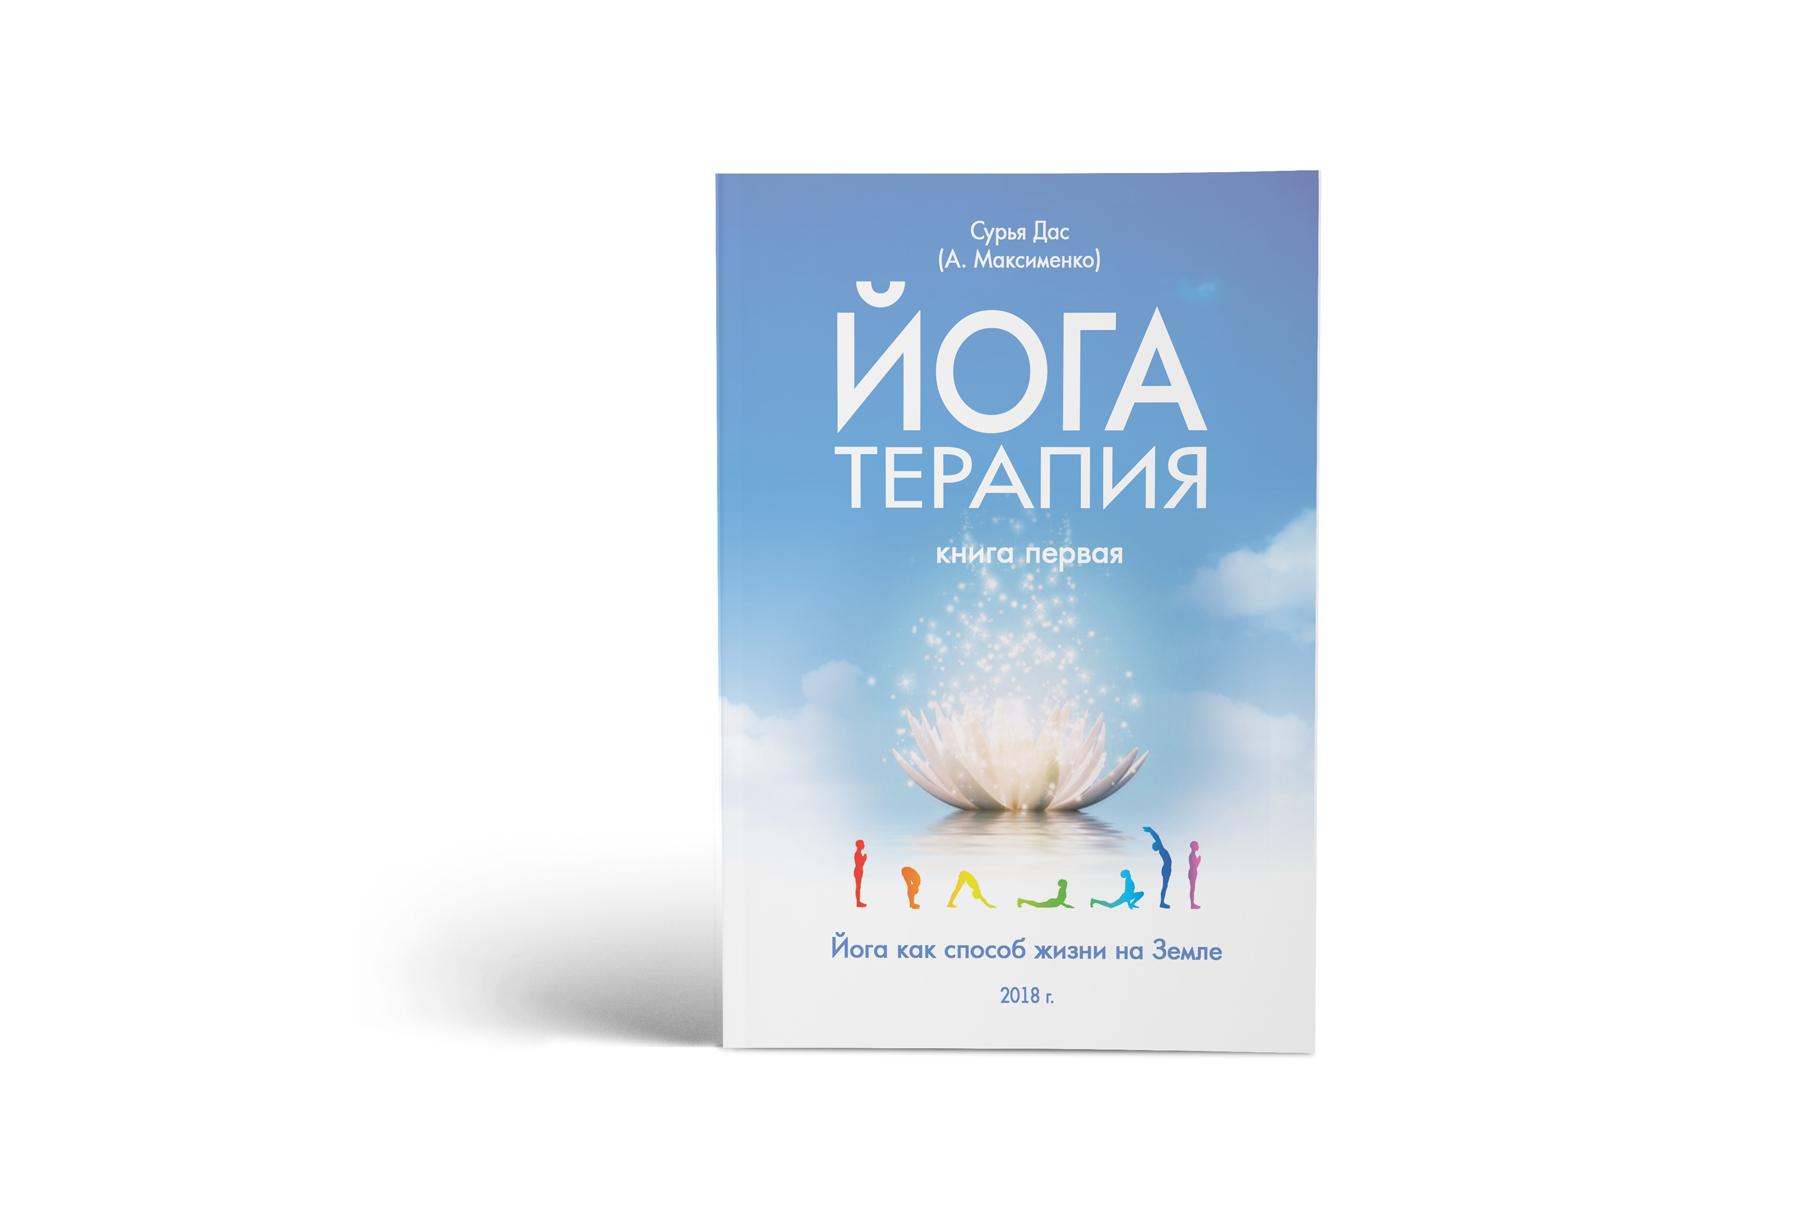 Книга «Йога терапия»